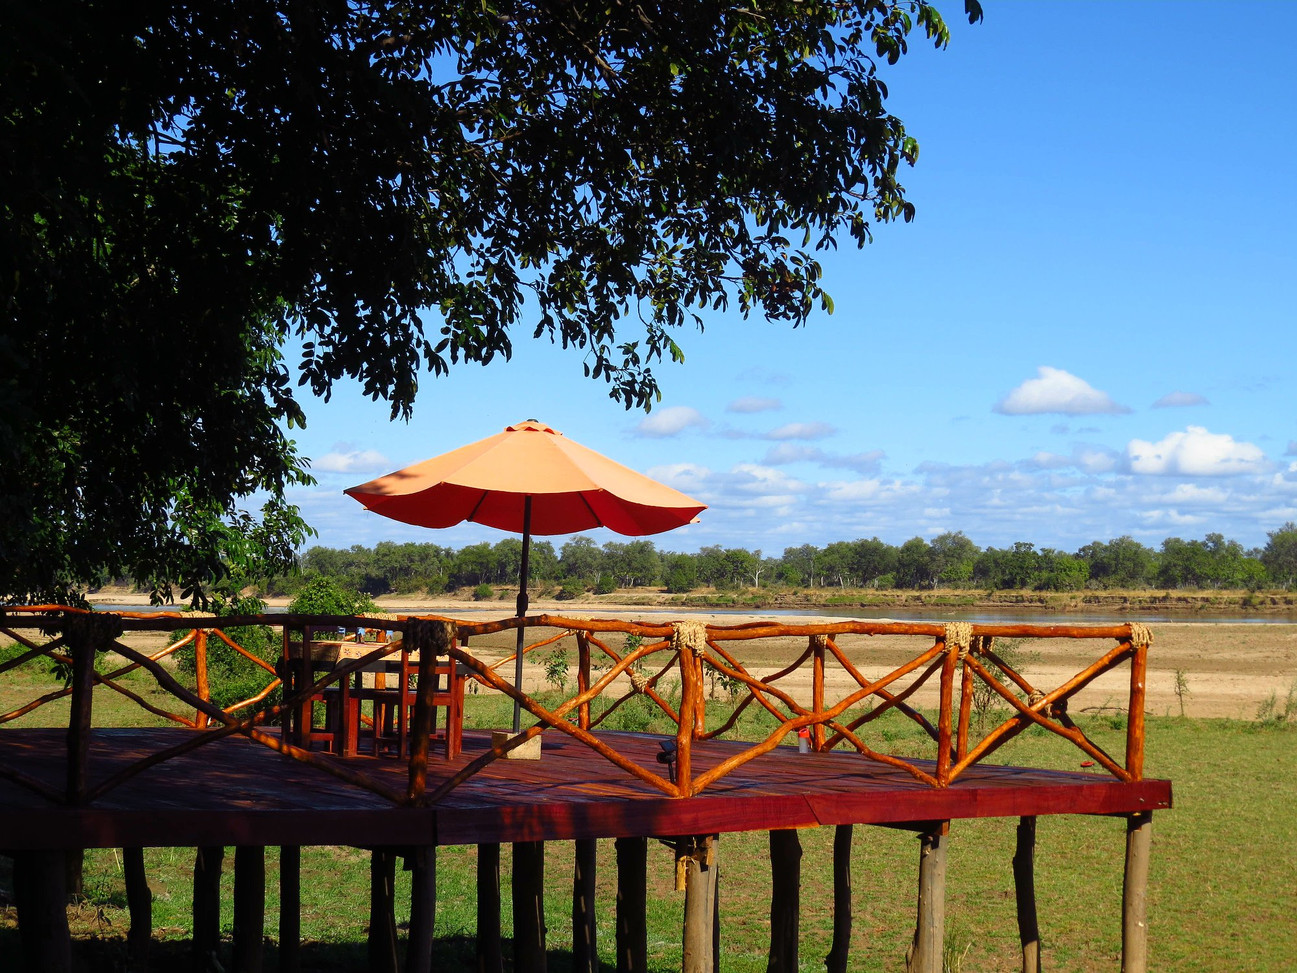 Viewing platfrom Zikomo Zambia